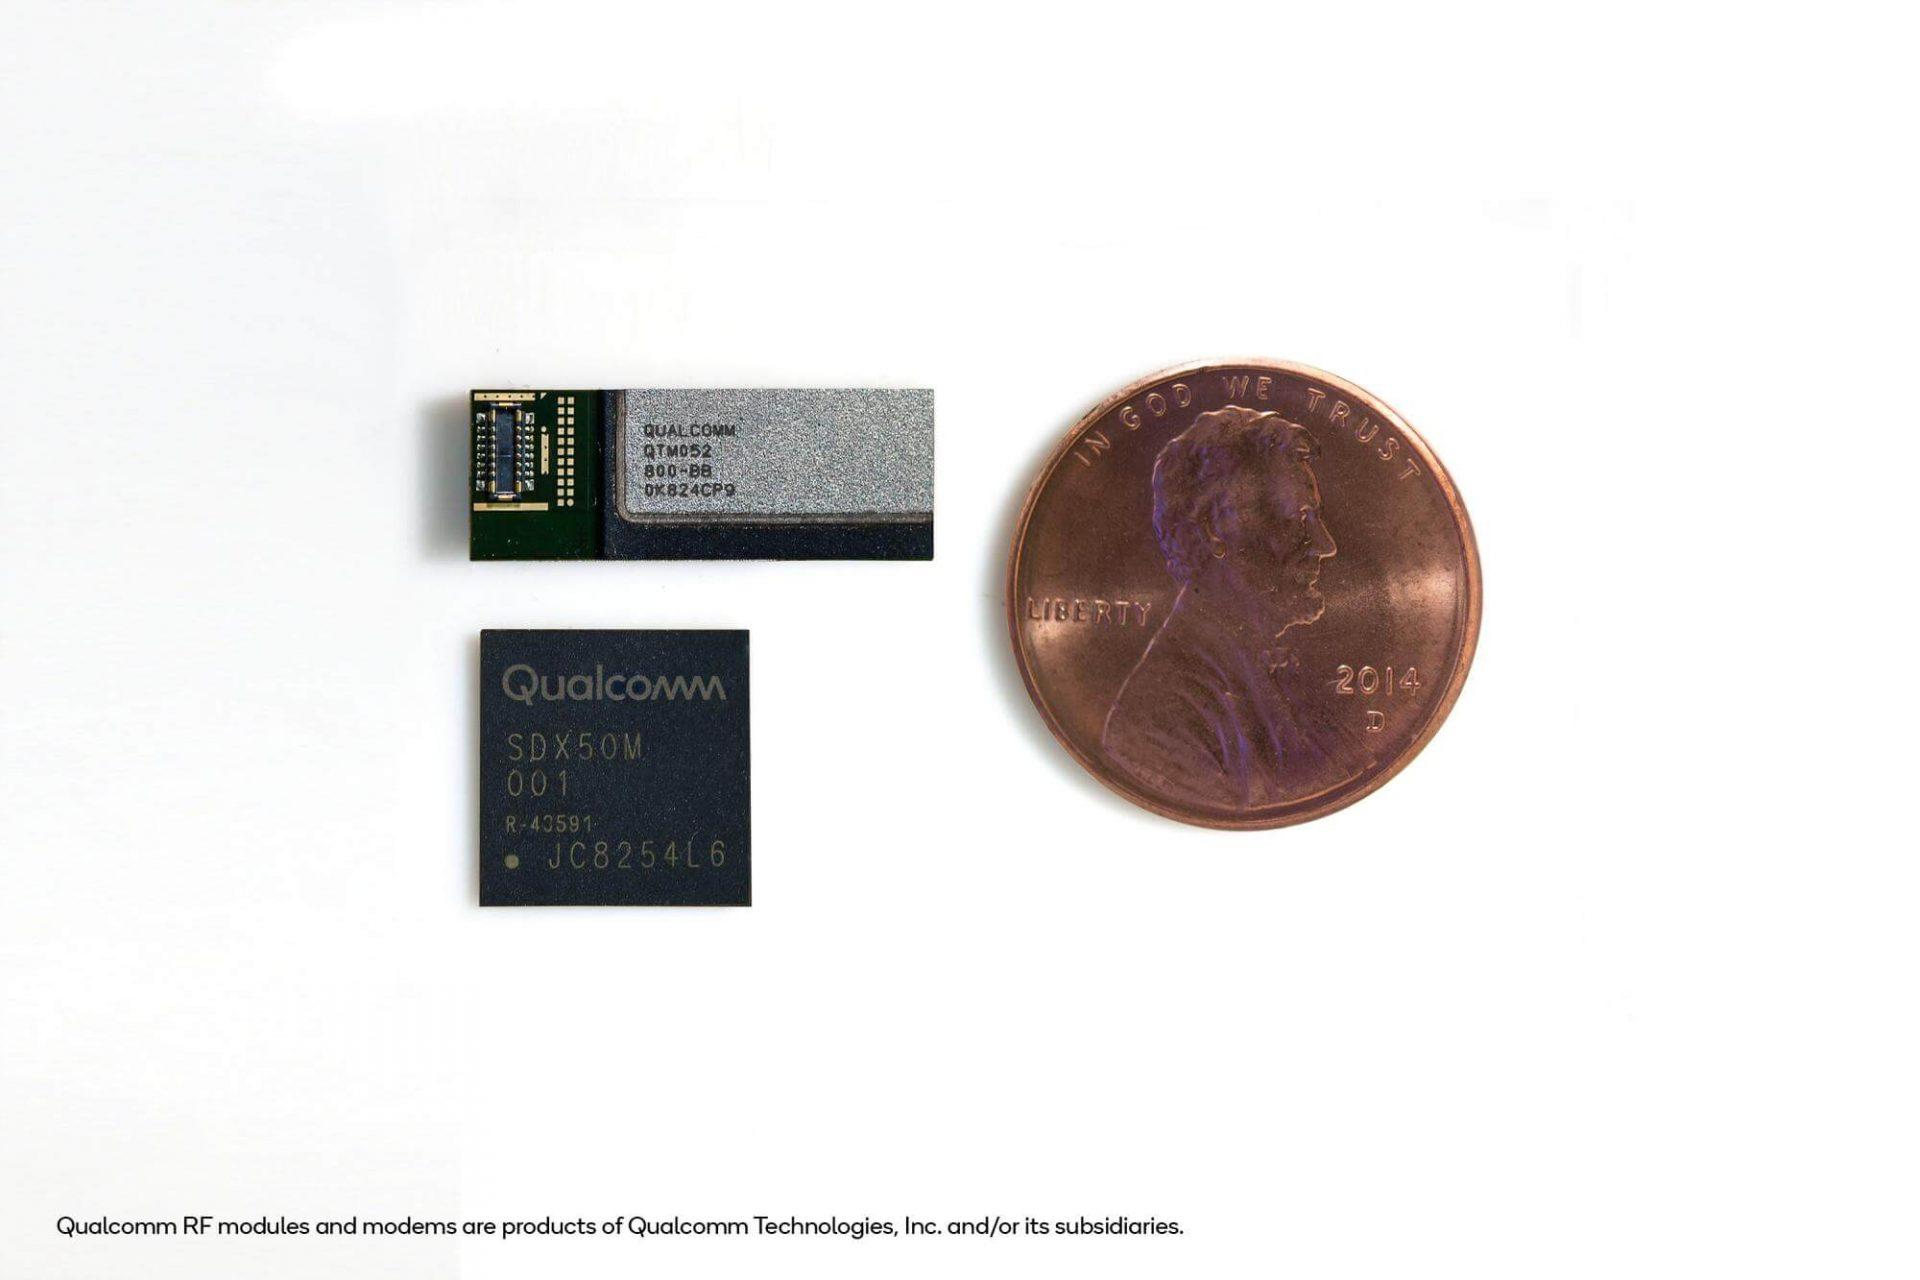 Novo chip 5G para smarpthones lançado pela Qualcomm